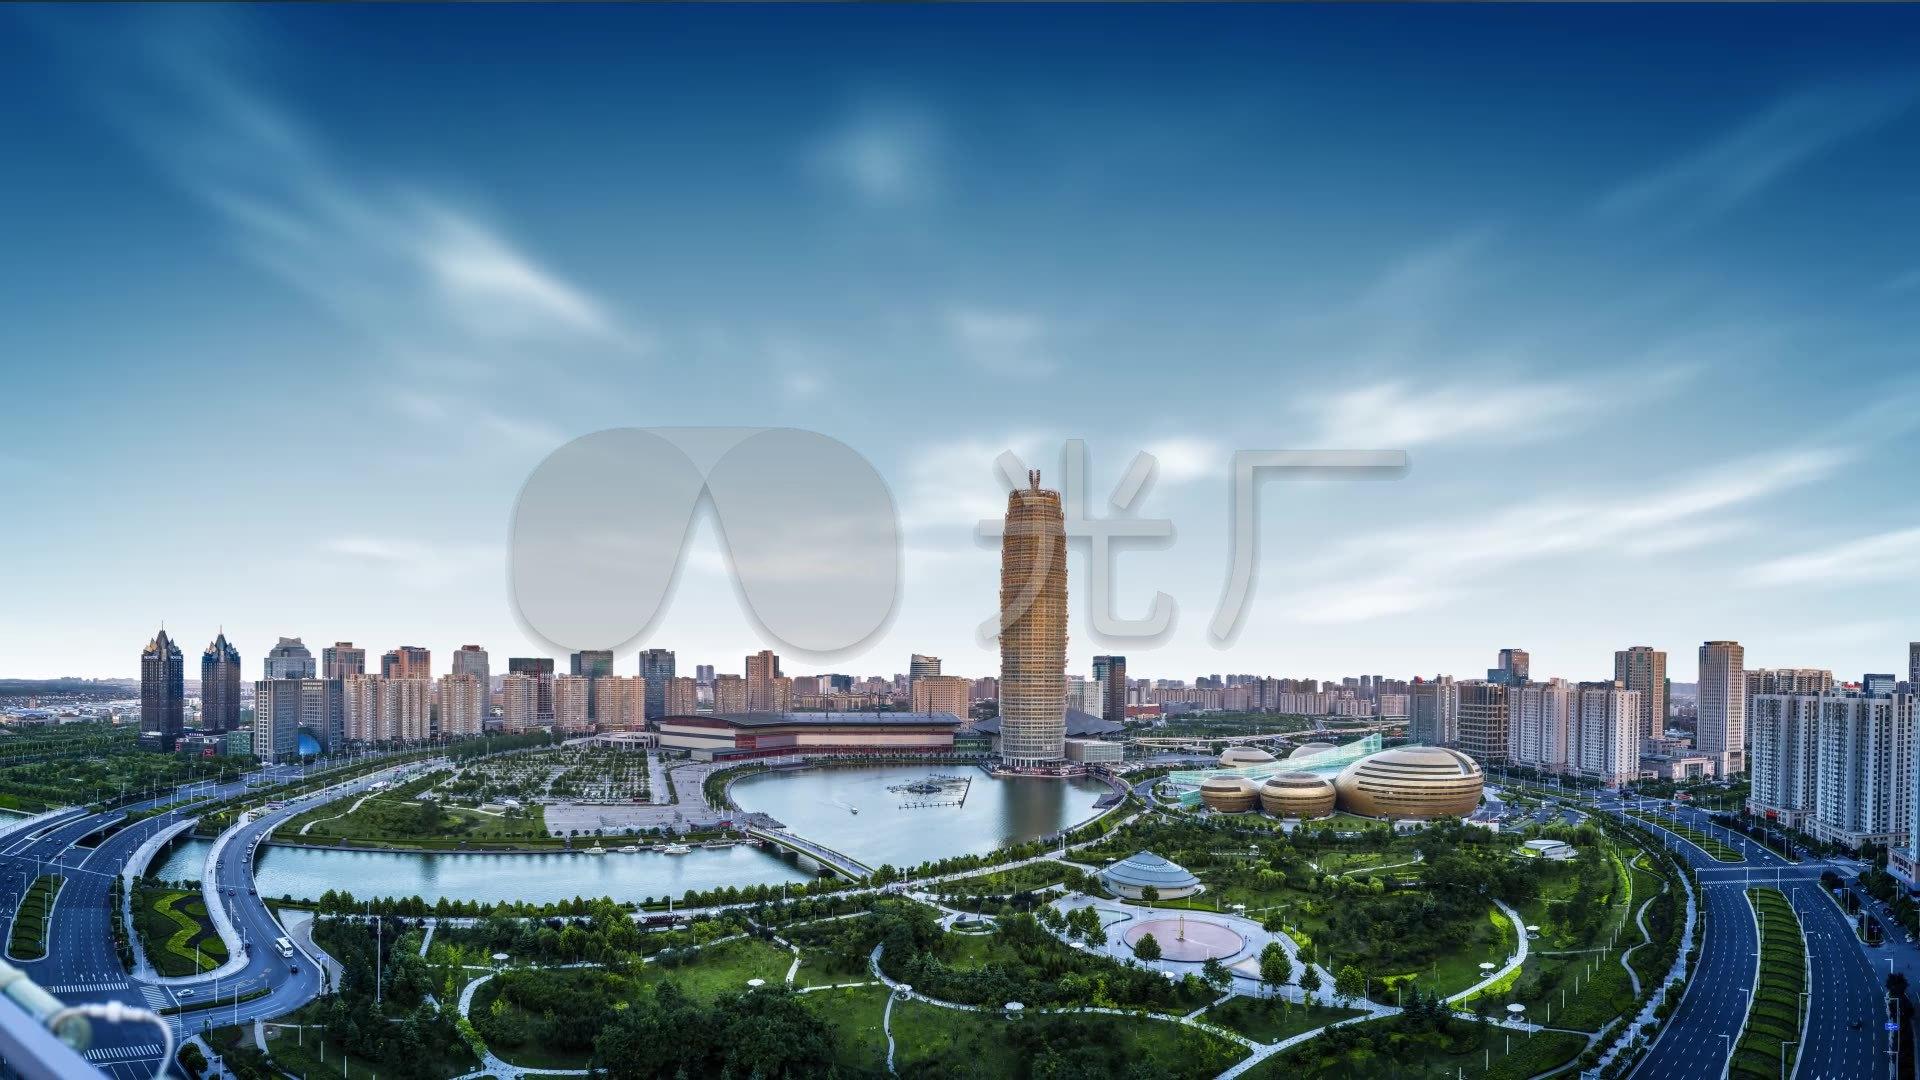 郑州玉米楼高清图片_郑州cbd会展中心夜景